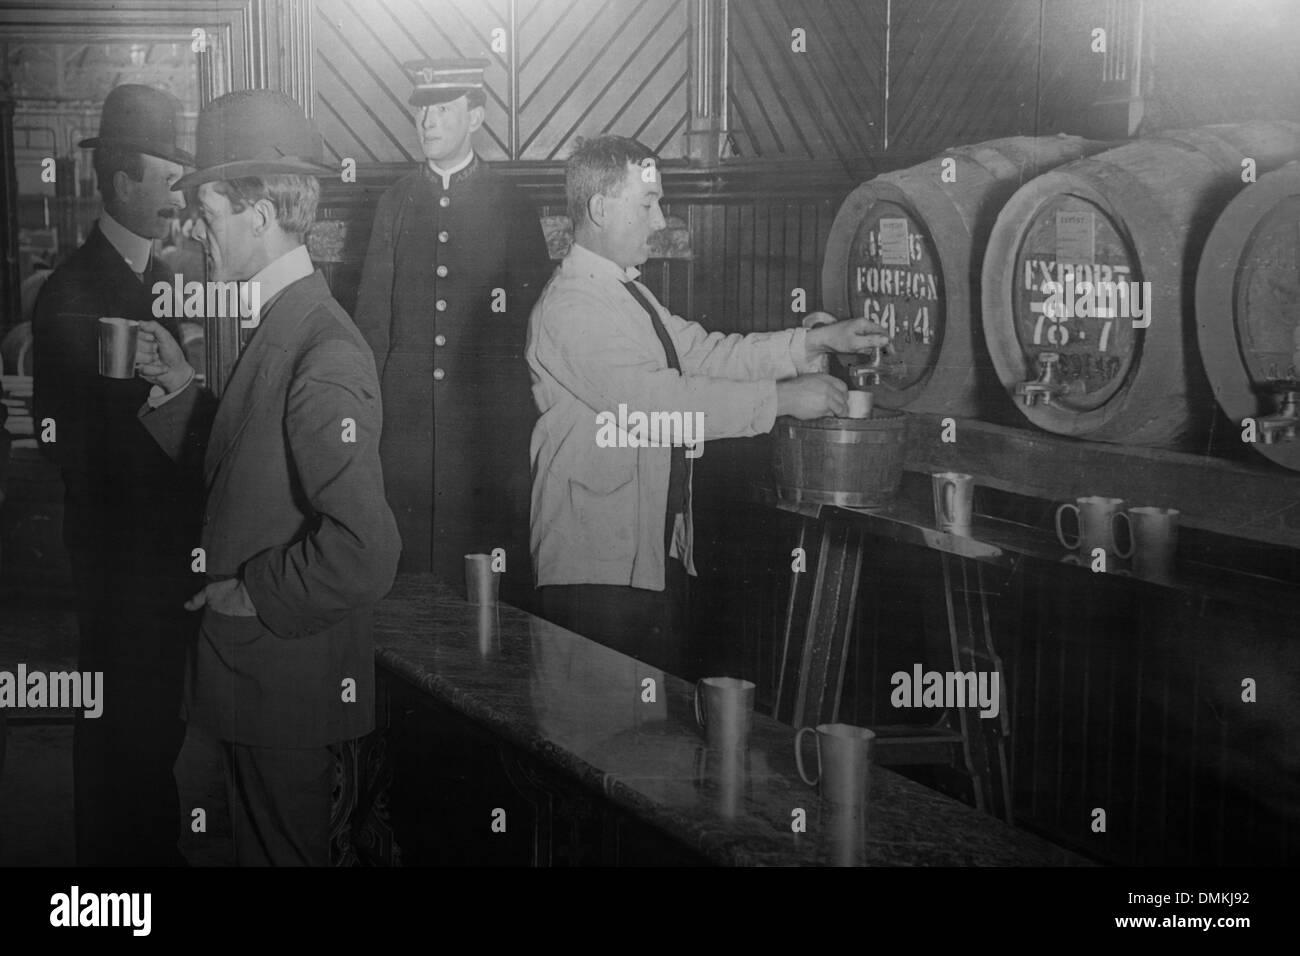 Periodo foto, versando un progetto di birra Guinness, la vecchia fabbrica di birra Guinness Storehouse, Dublino, Irlanda Immagini Stock